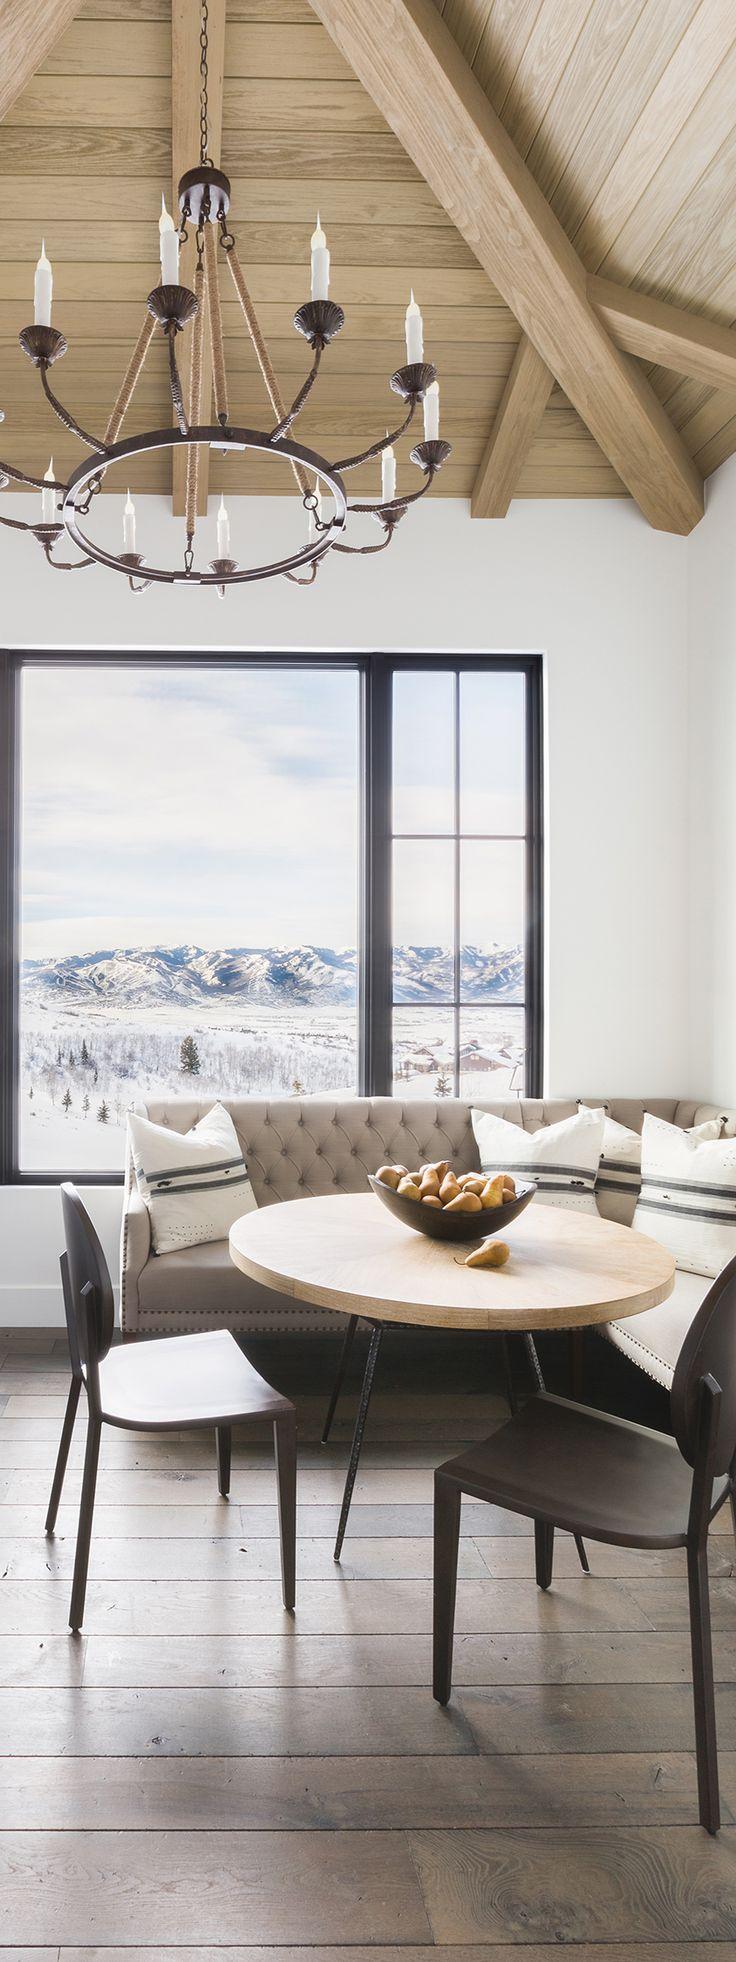 1248 best rustic home decor images on pinterest. Black Bedroom Furniture Sets. Home Design Ideas